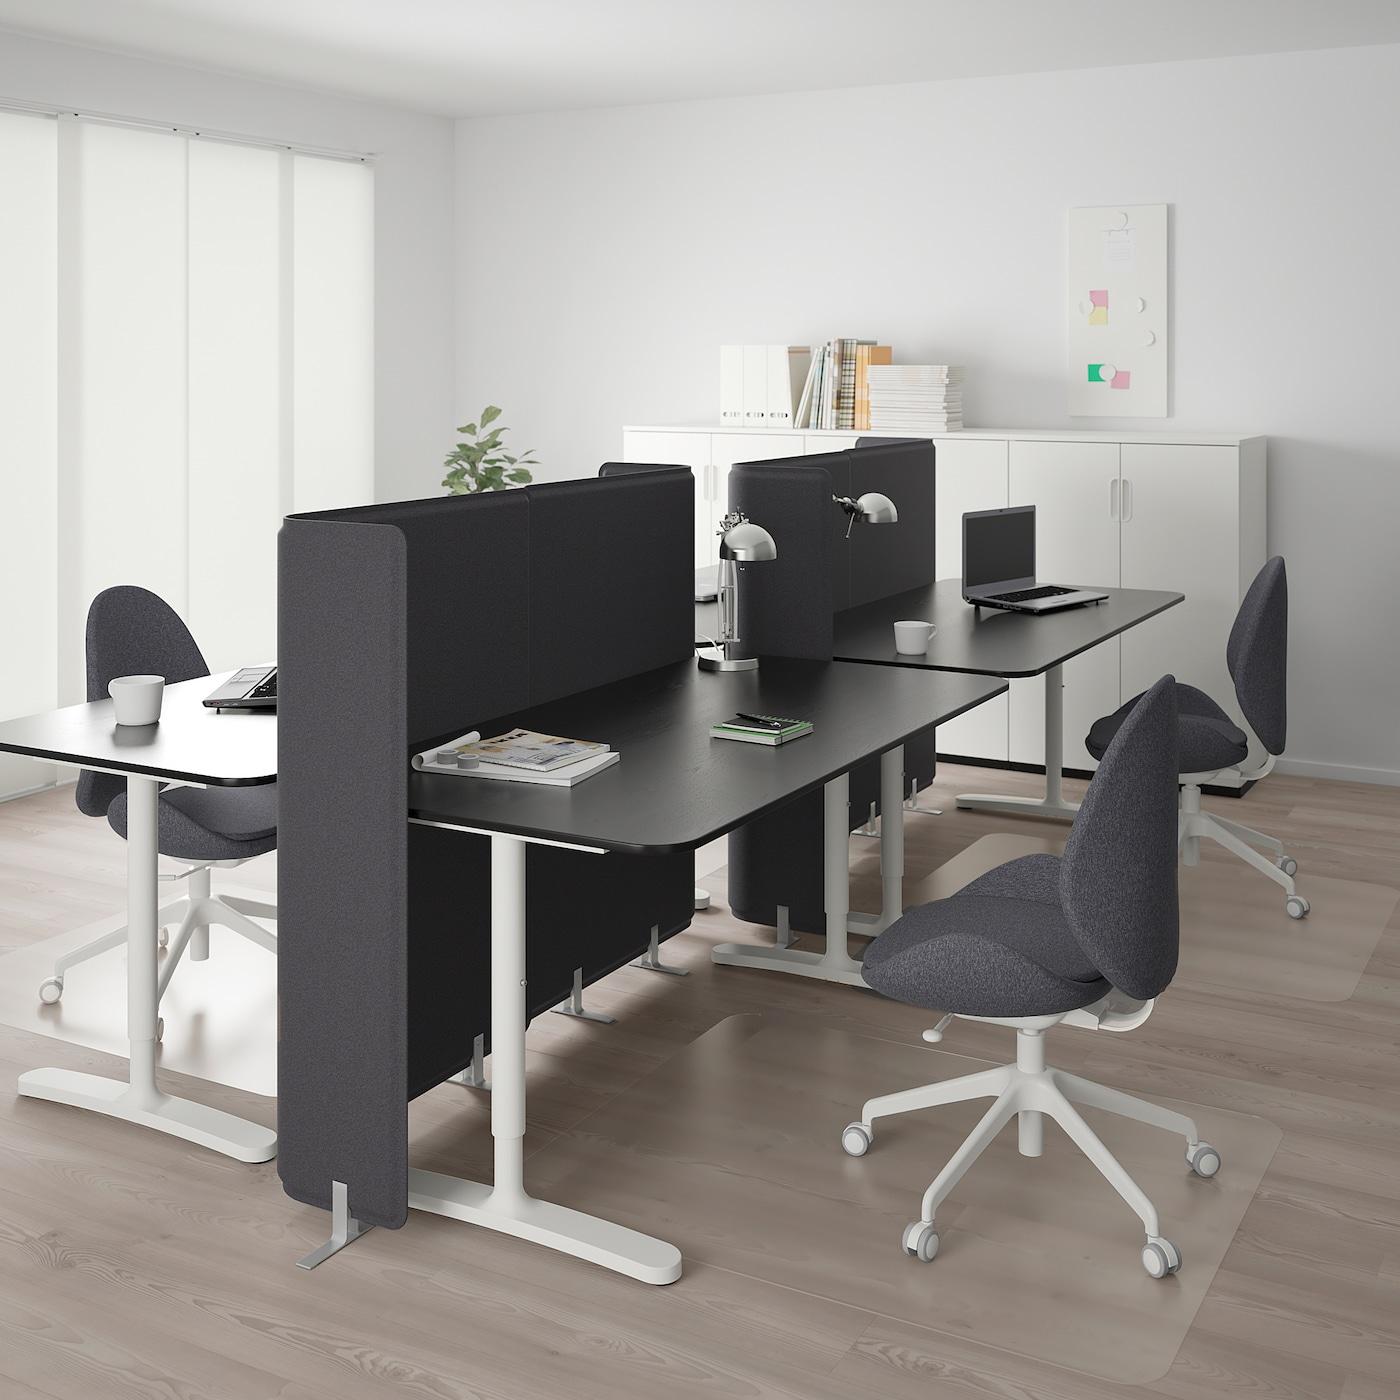 베칸트 책상+스크린 블랙스테인 물푸레무늬목/화이트 120 cm 320 cm 160 cm 65 cm 125 cm 70 kg